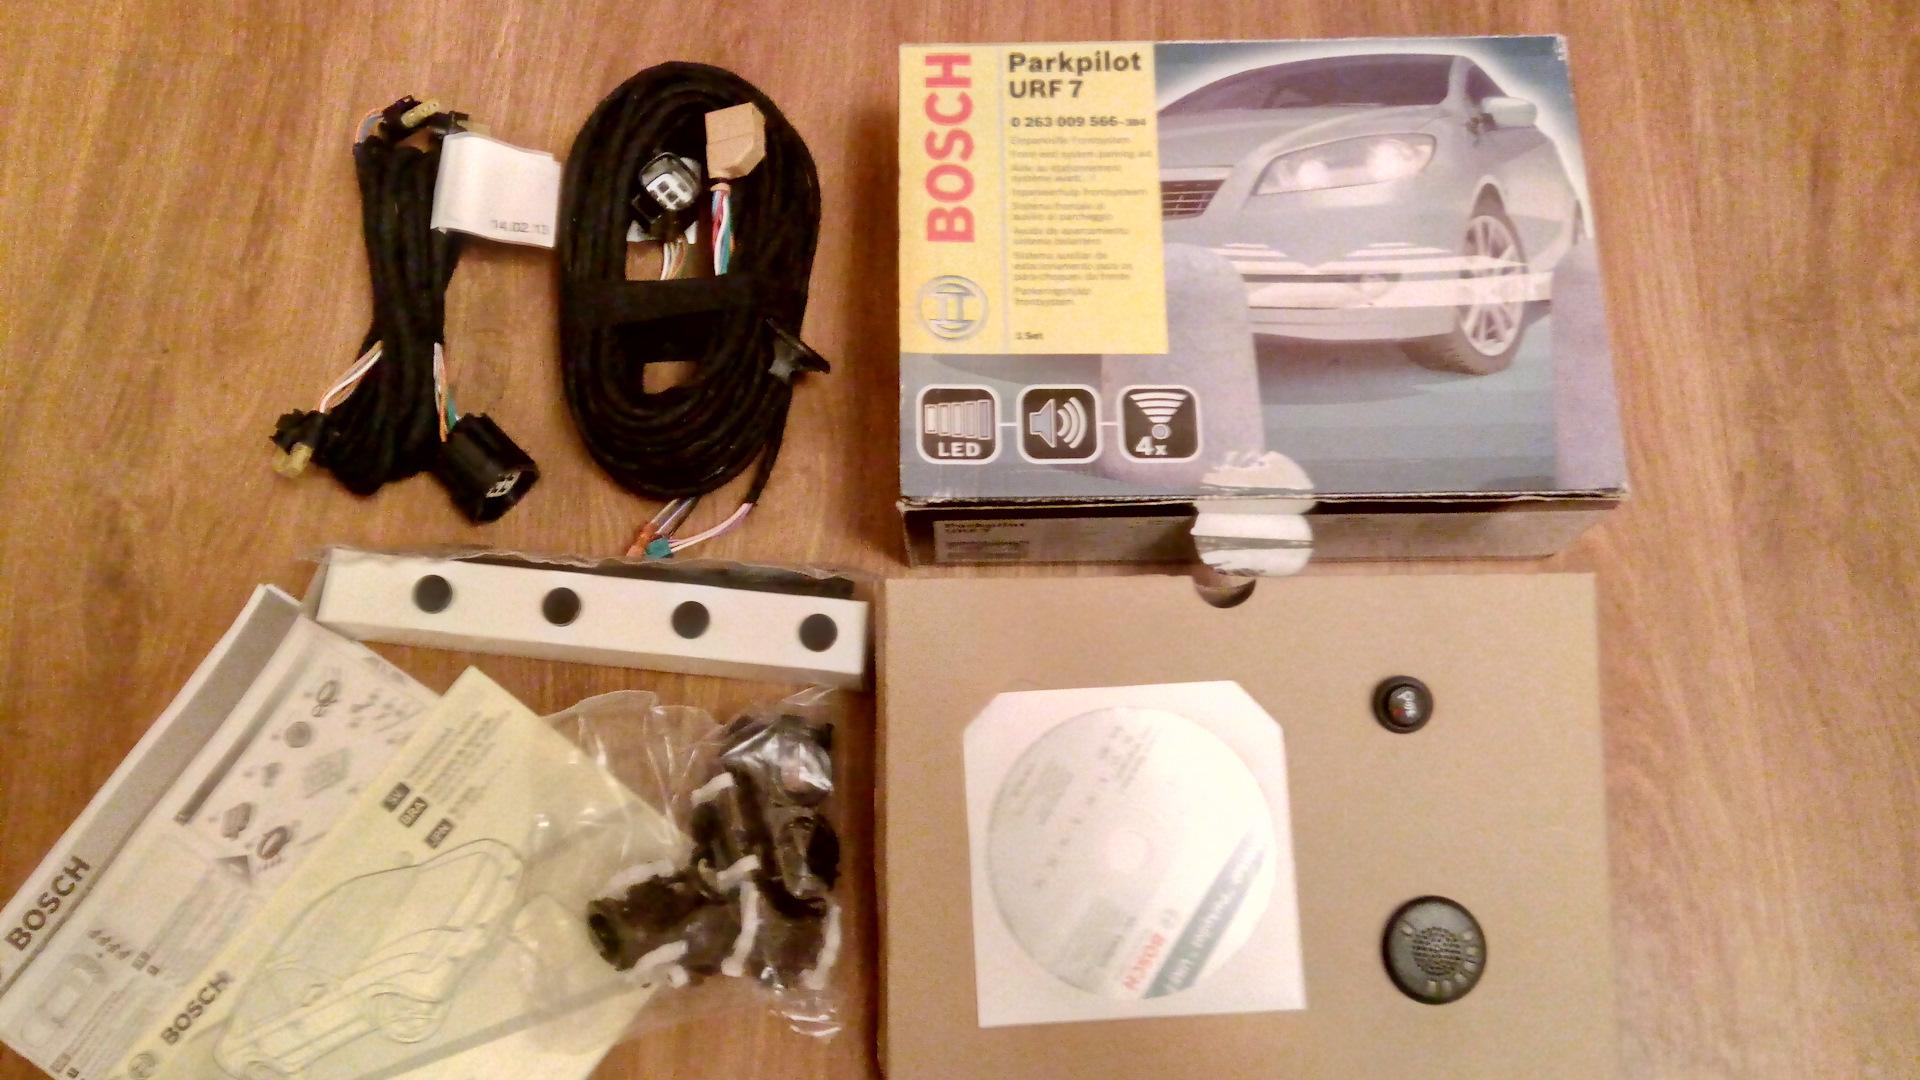 bosch parkpilot urf 7 front rear new toy logbook. Black Bedroom Furniture Sets. Home Design Ideas